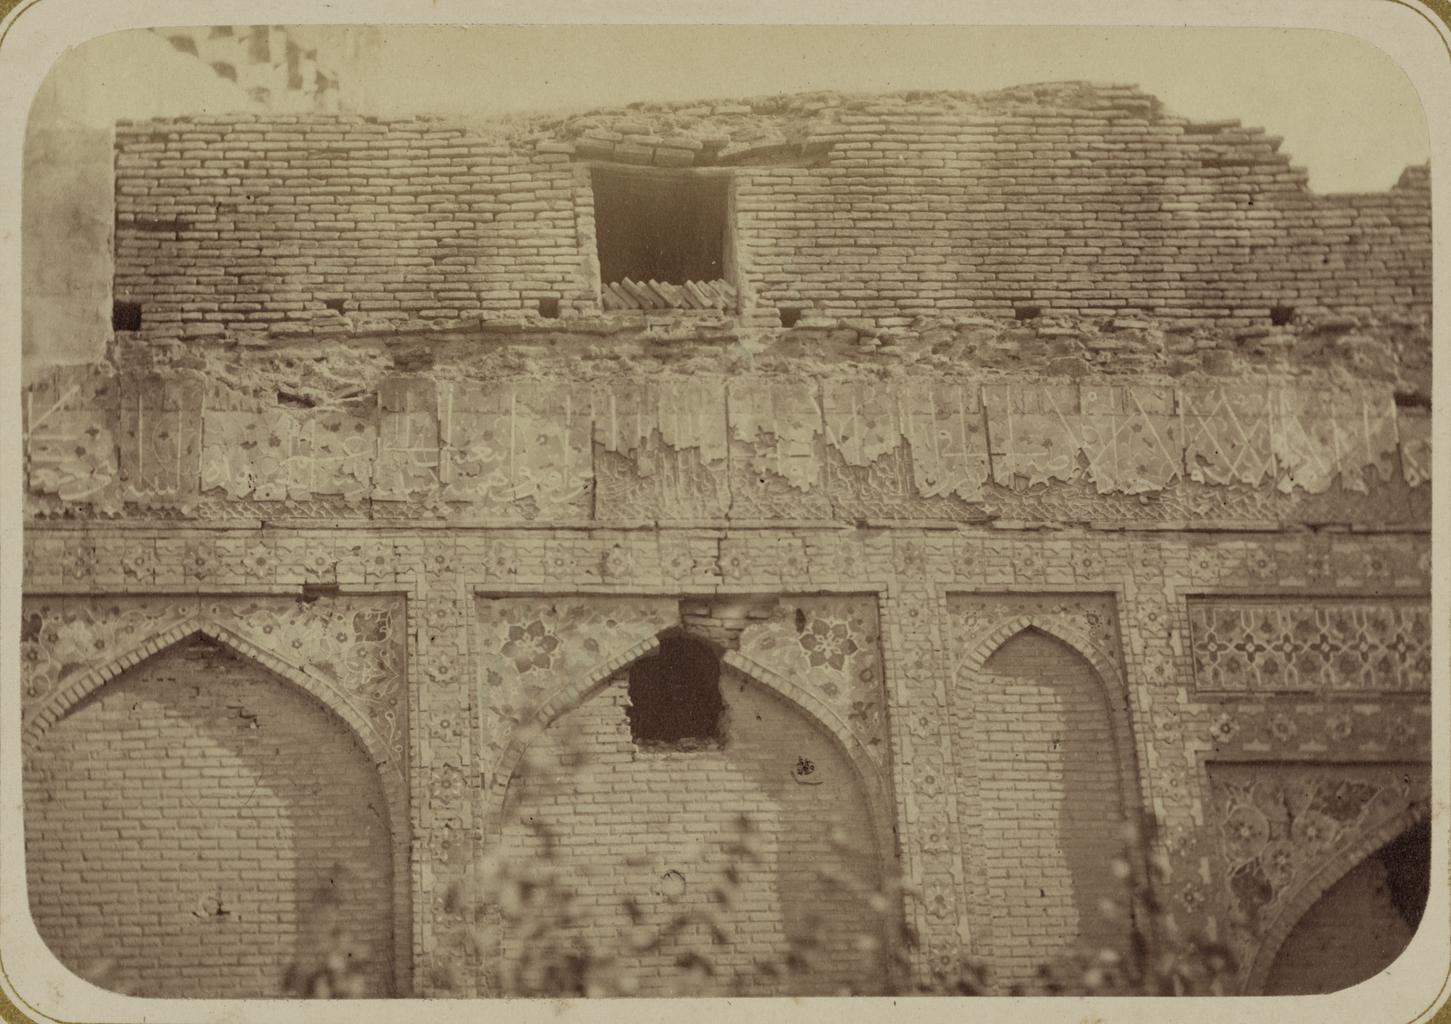 Мавзолей эмира Тимура Курагана (Гур-Эмир). Надписи, идущие по фризу всего фасада